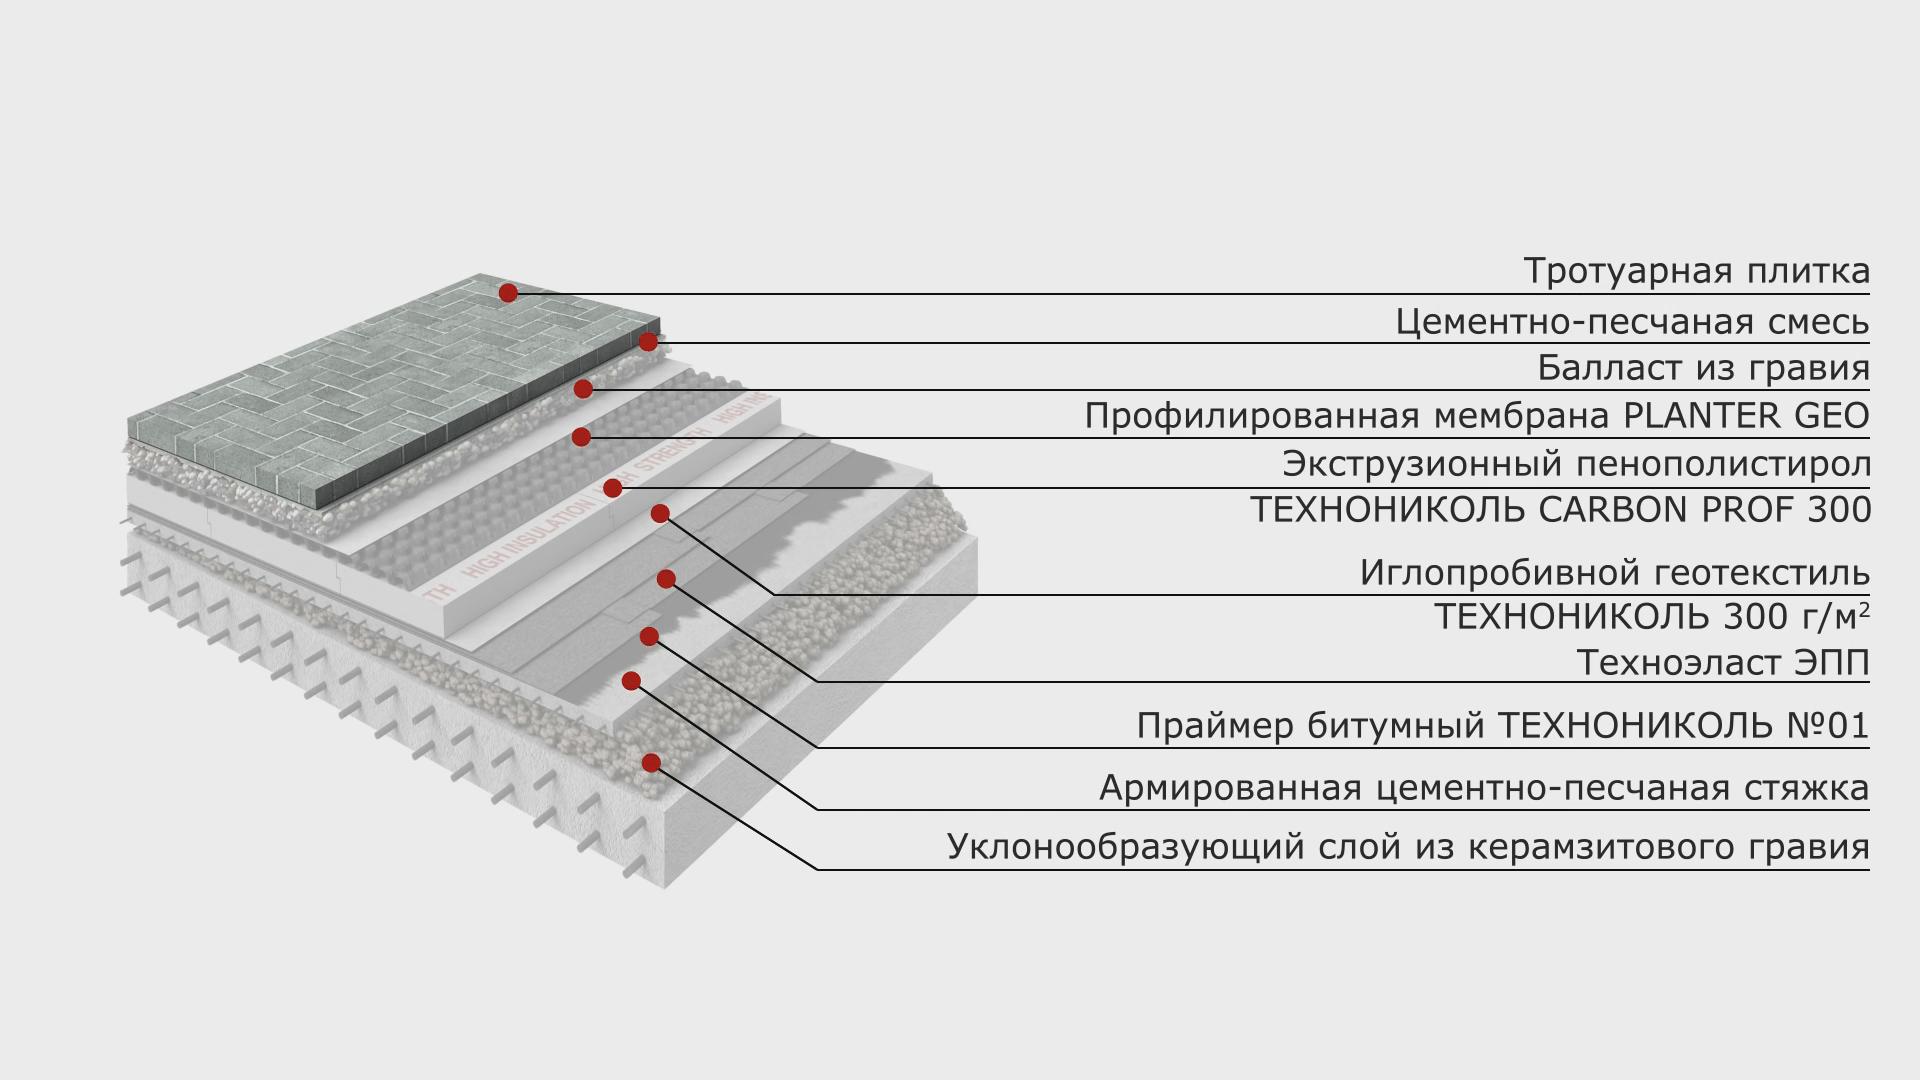 уклонообразующий слой из керамзитобетона